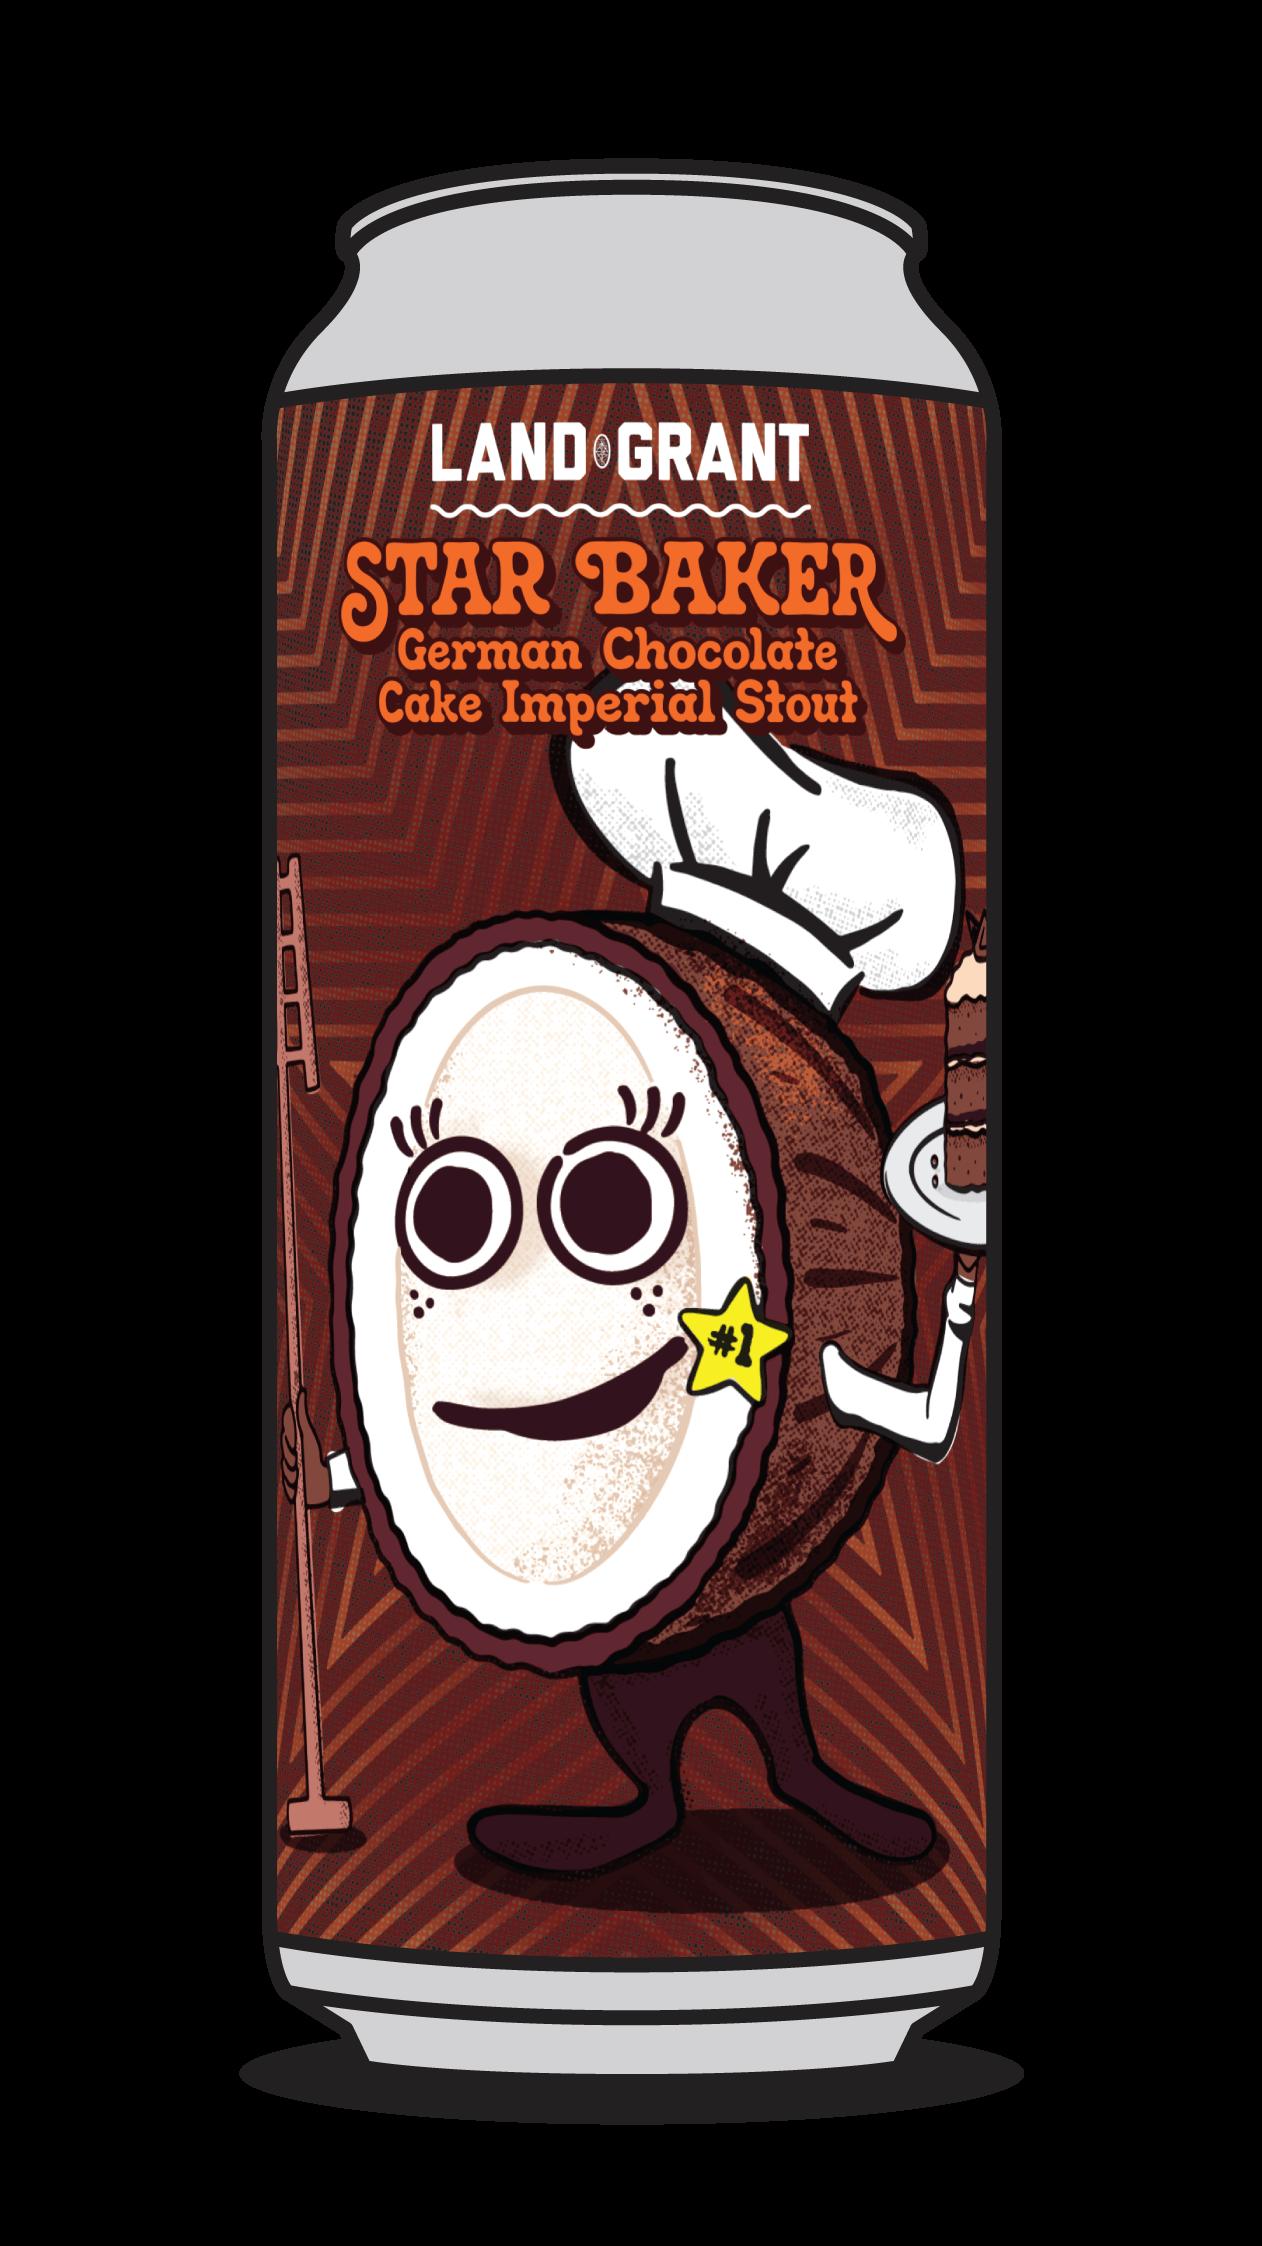 Star Baker Image